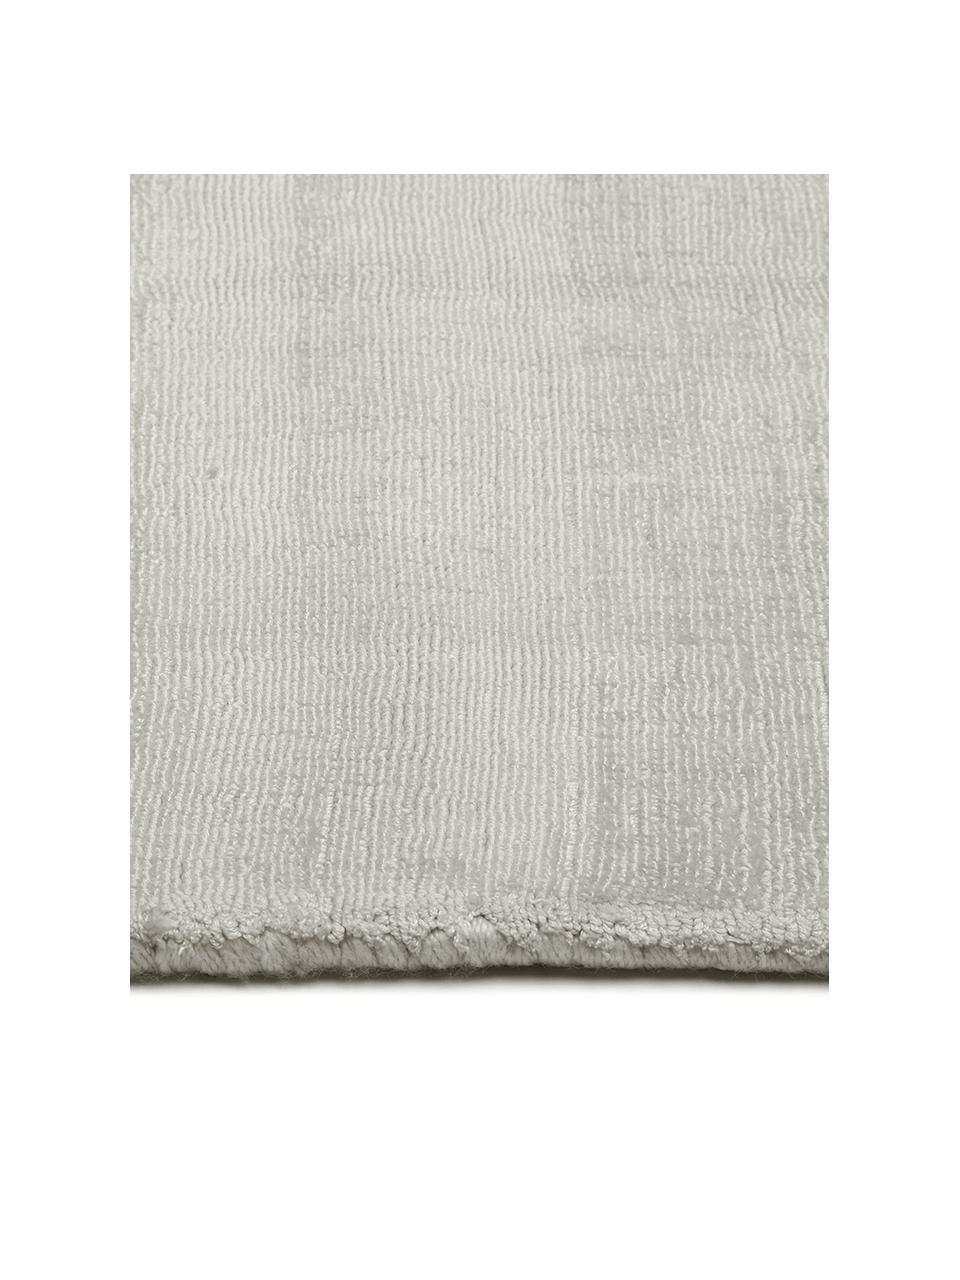 Ručně tkaný viskózový koberec Jane, Světle šedá, béžová